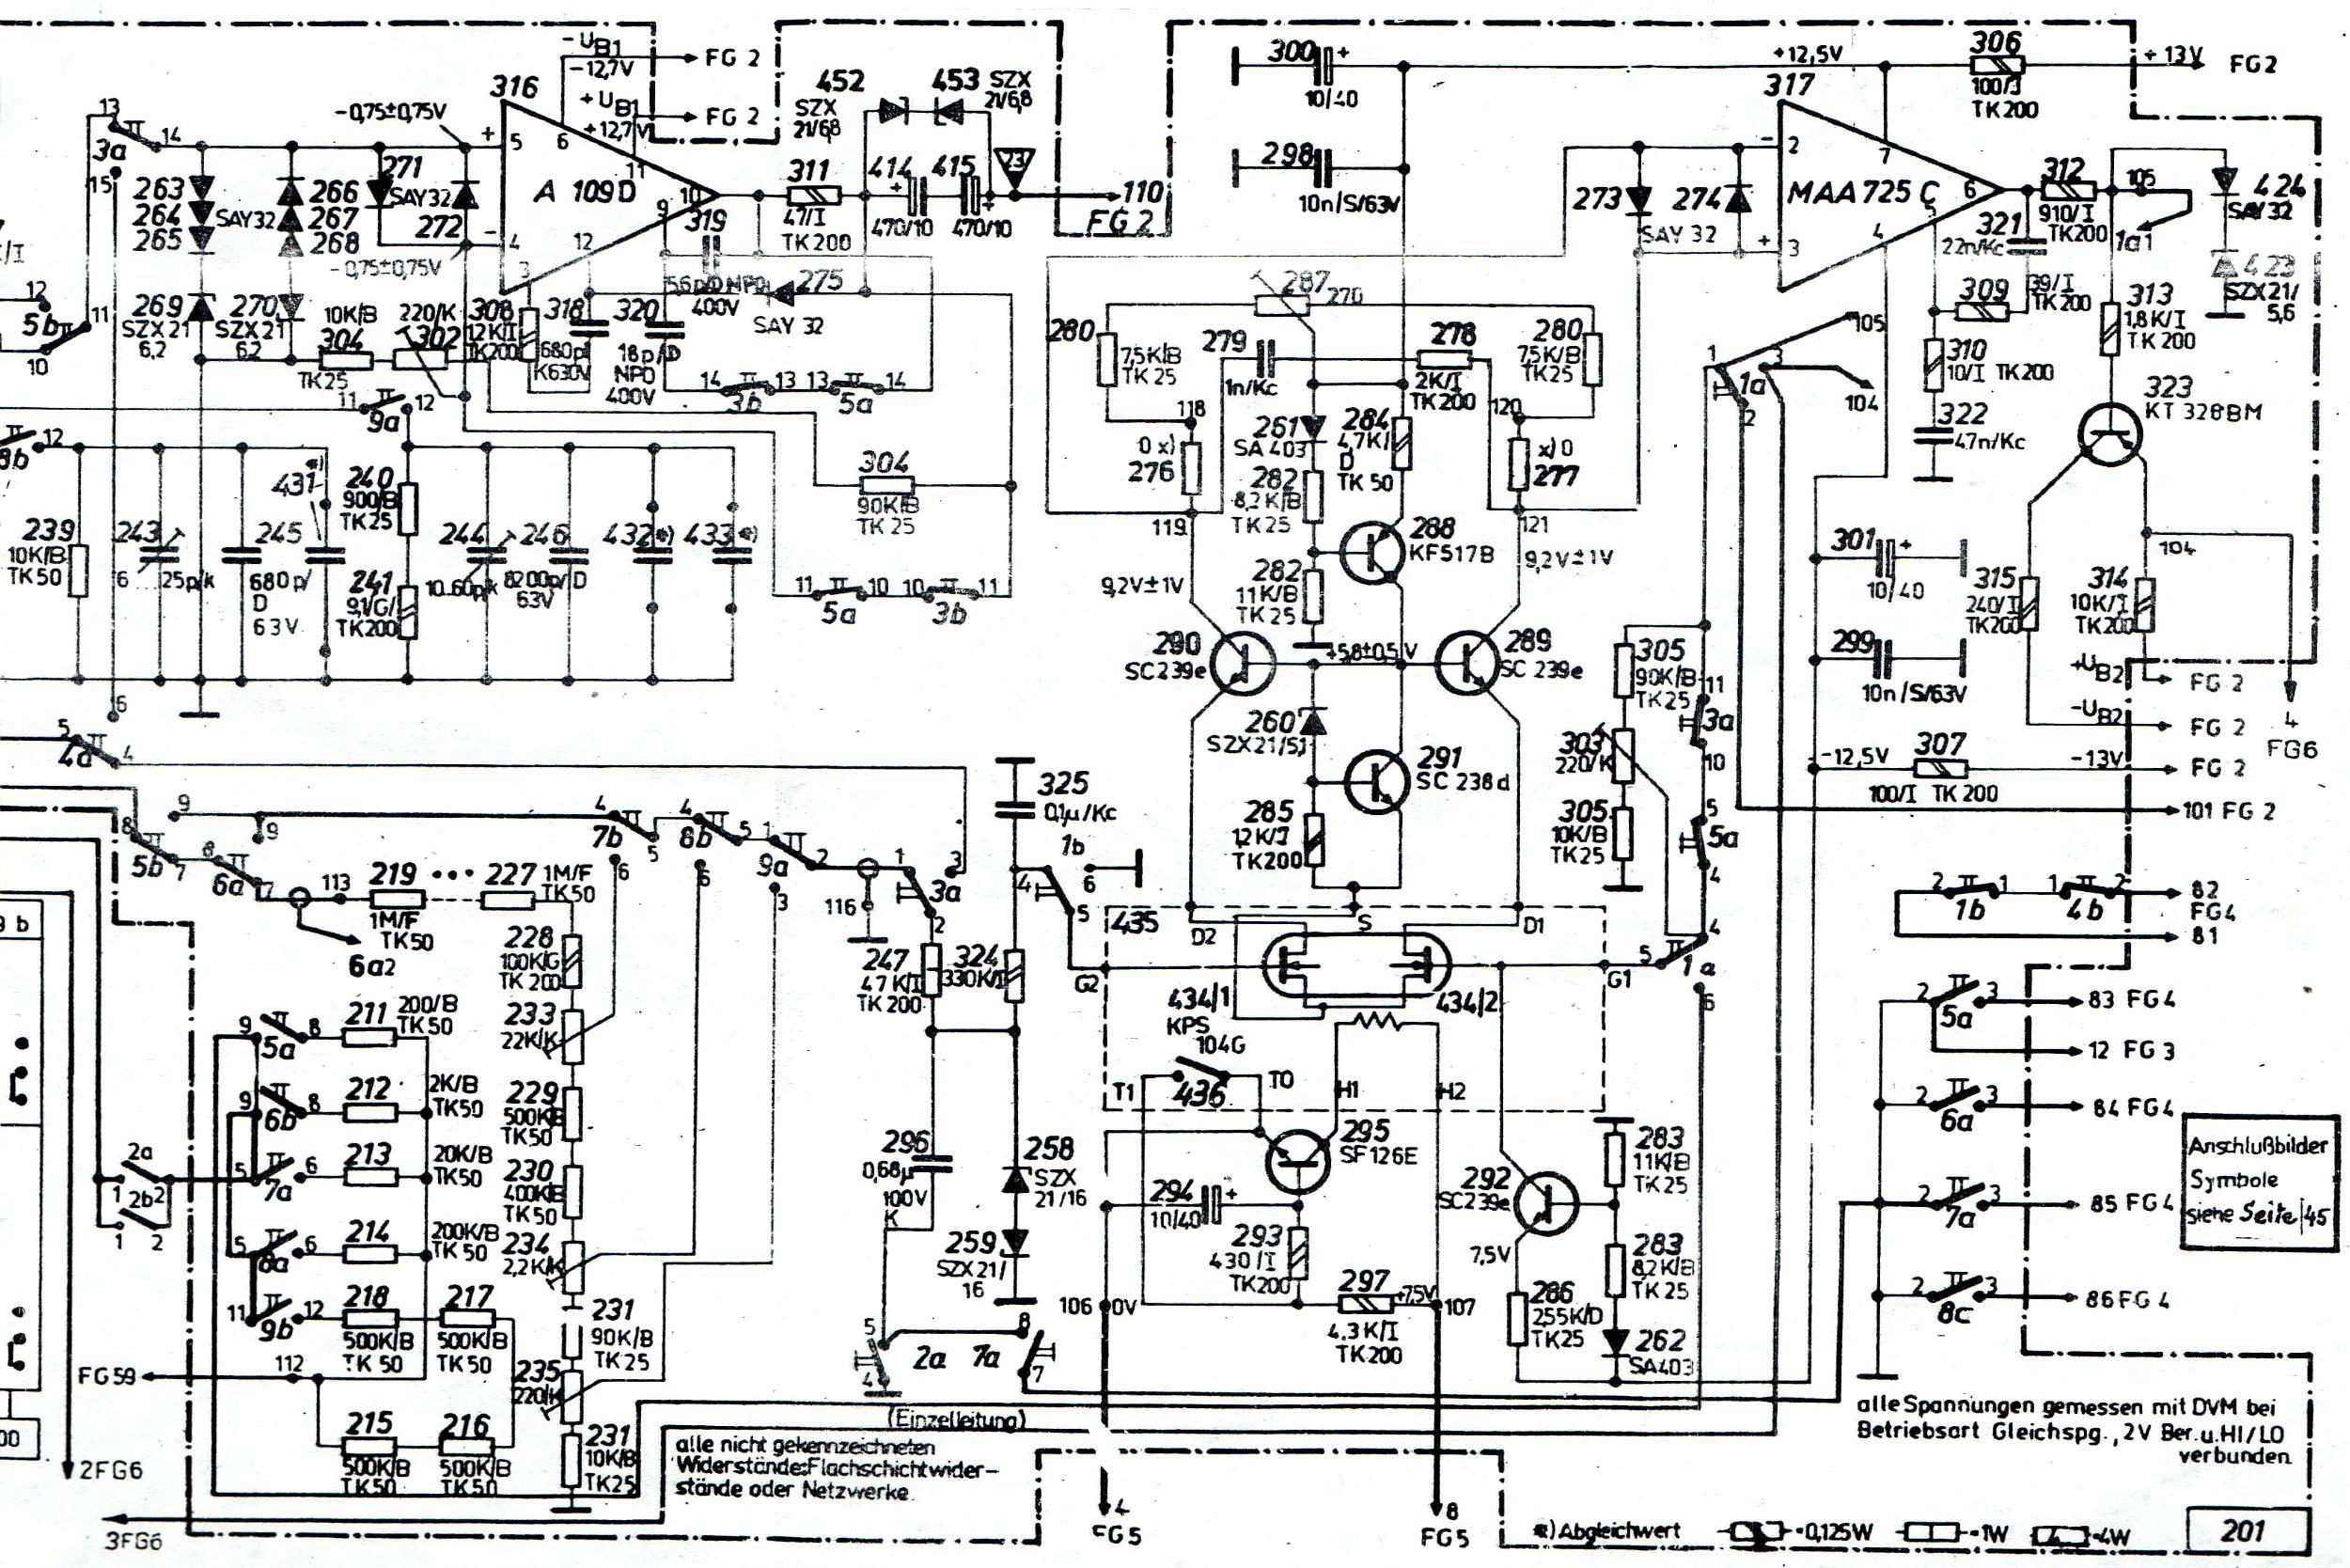 Wunderbar Bosch Generator Schaltplan Fotos - Schaltplan Serie ...